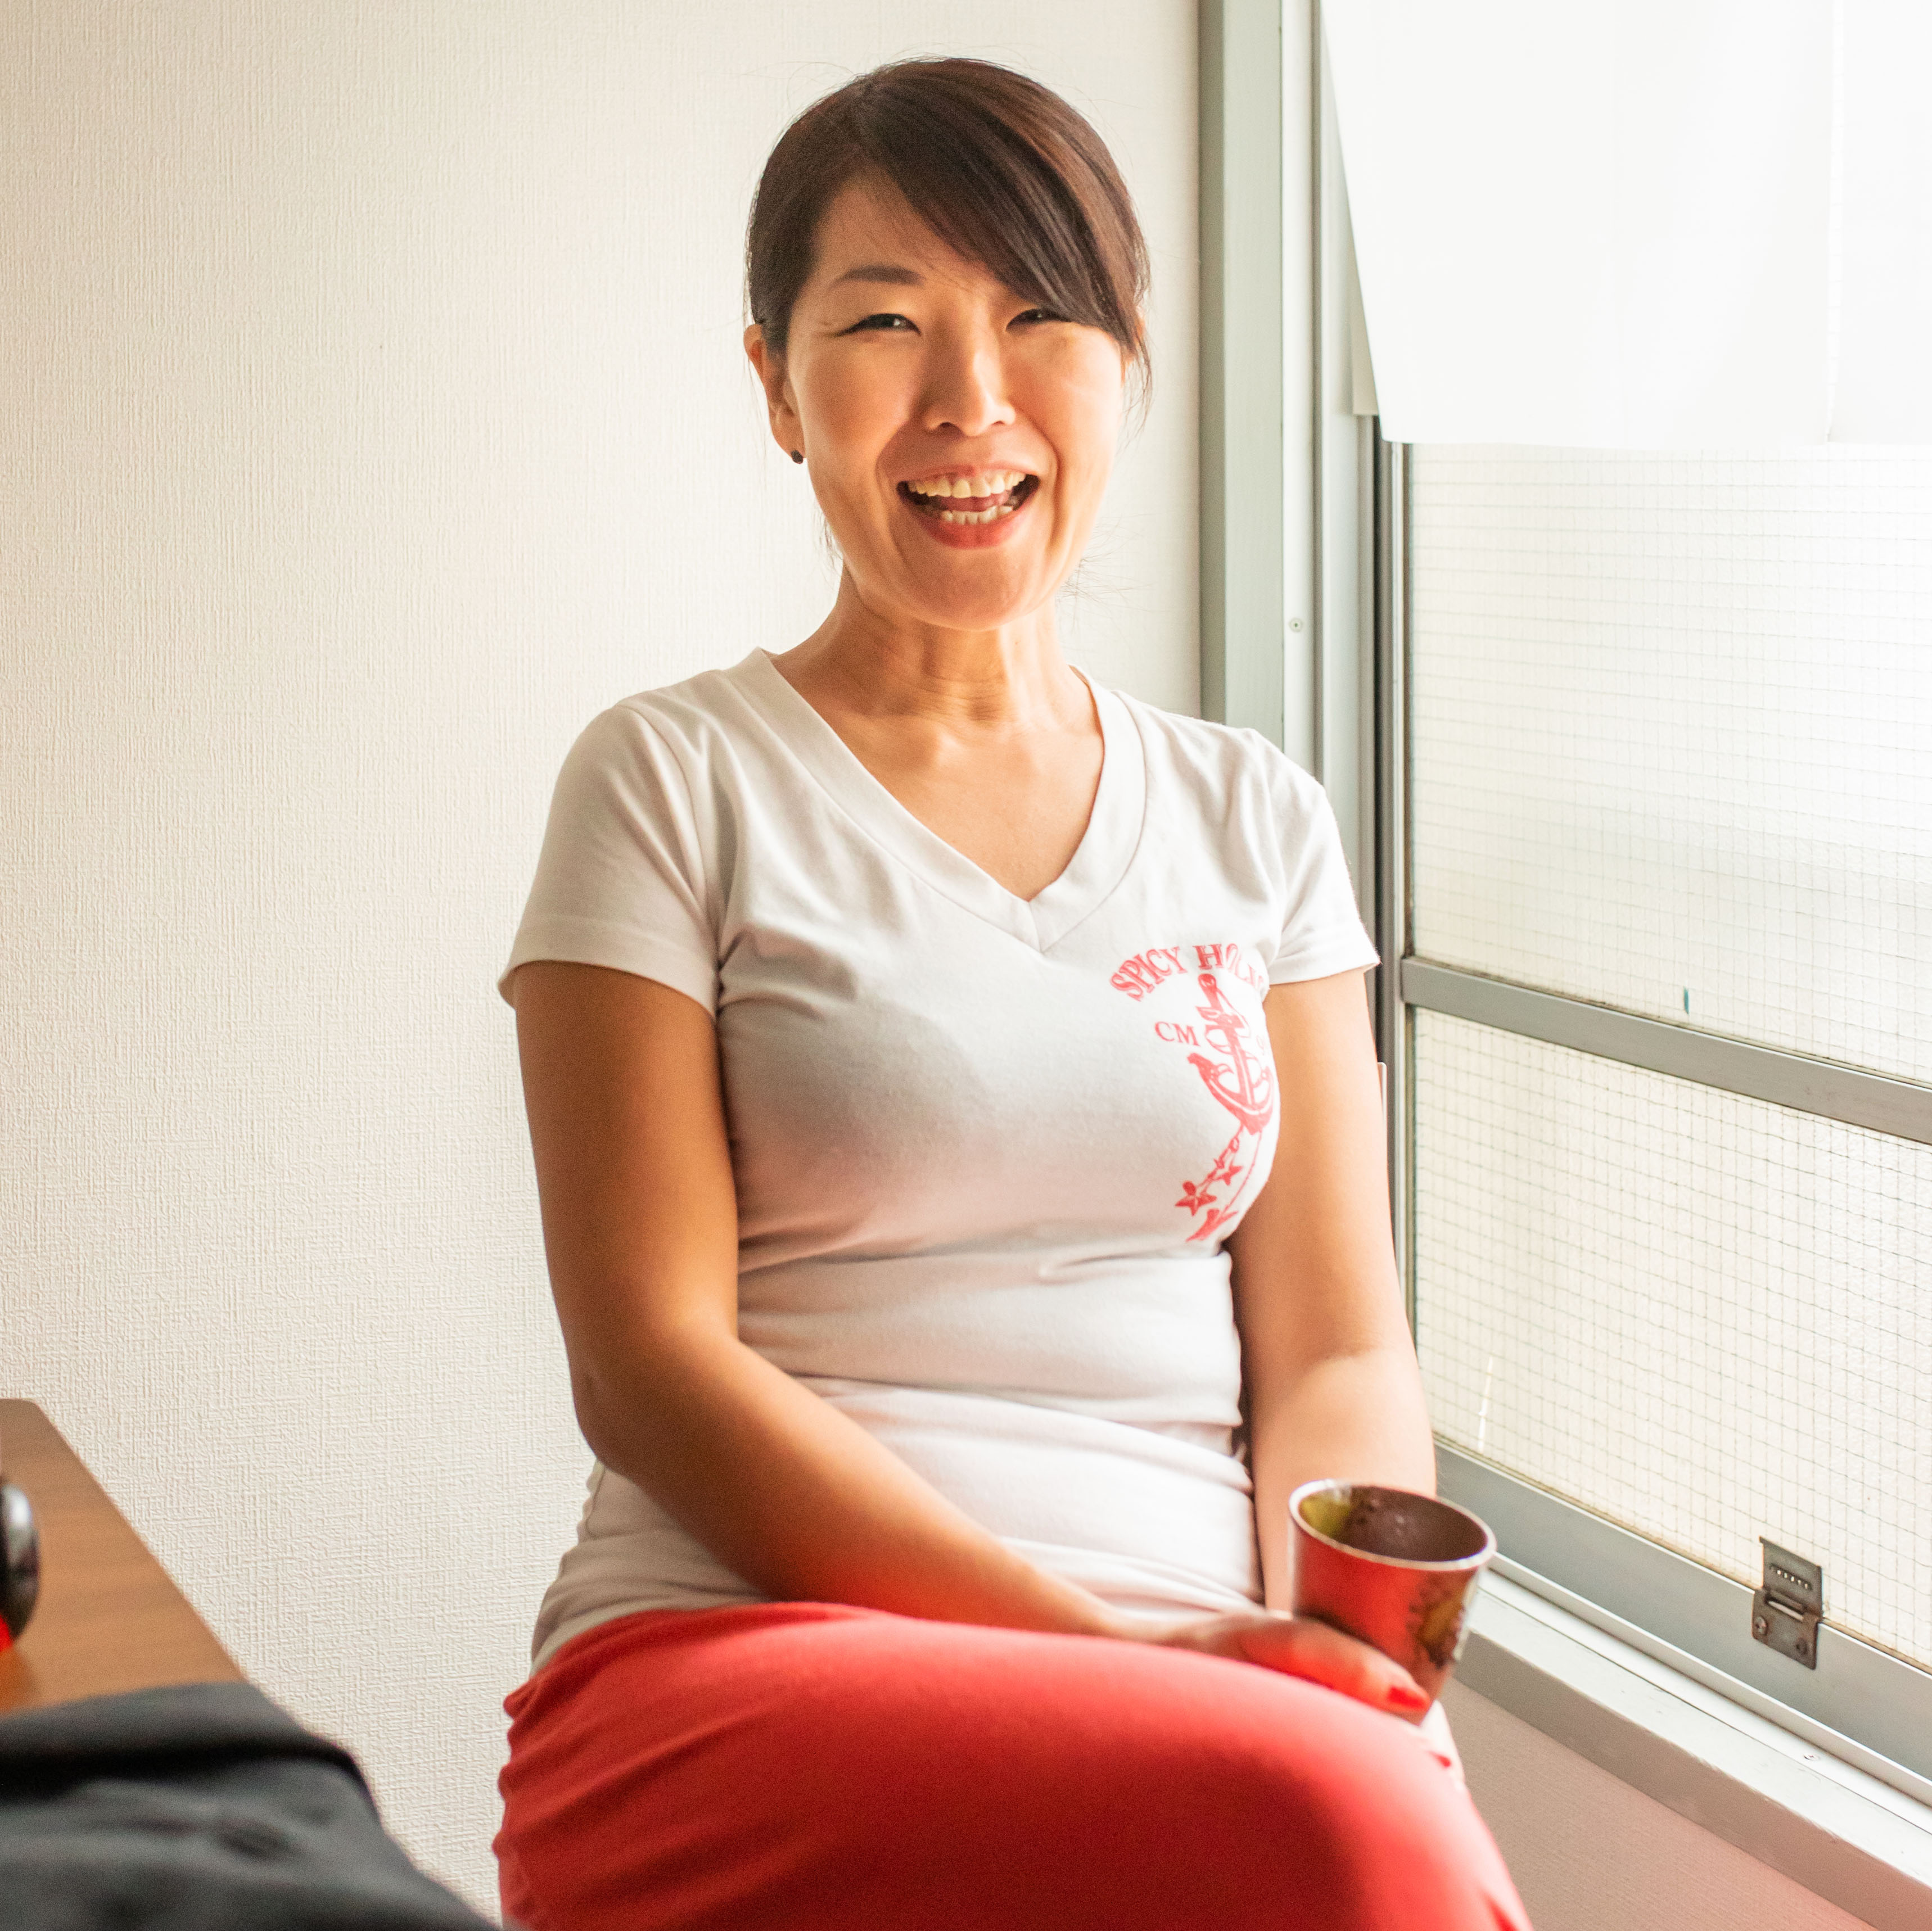 了解体验达人Yumi的更多信息。